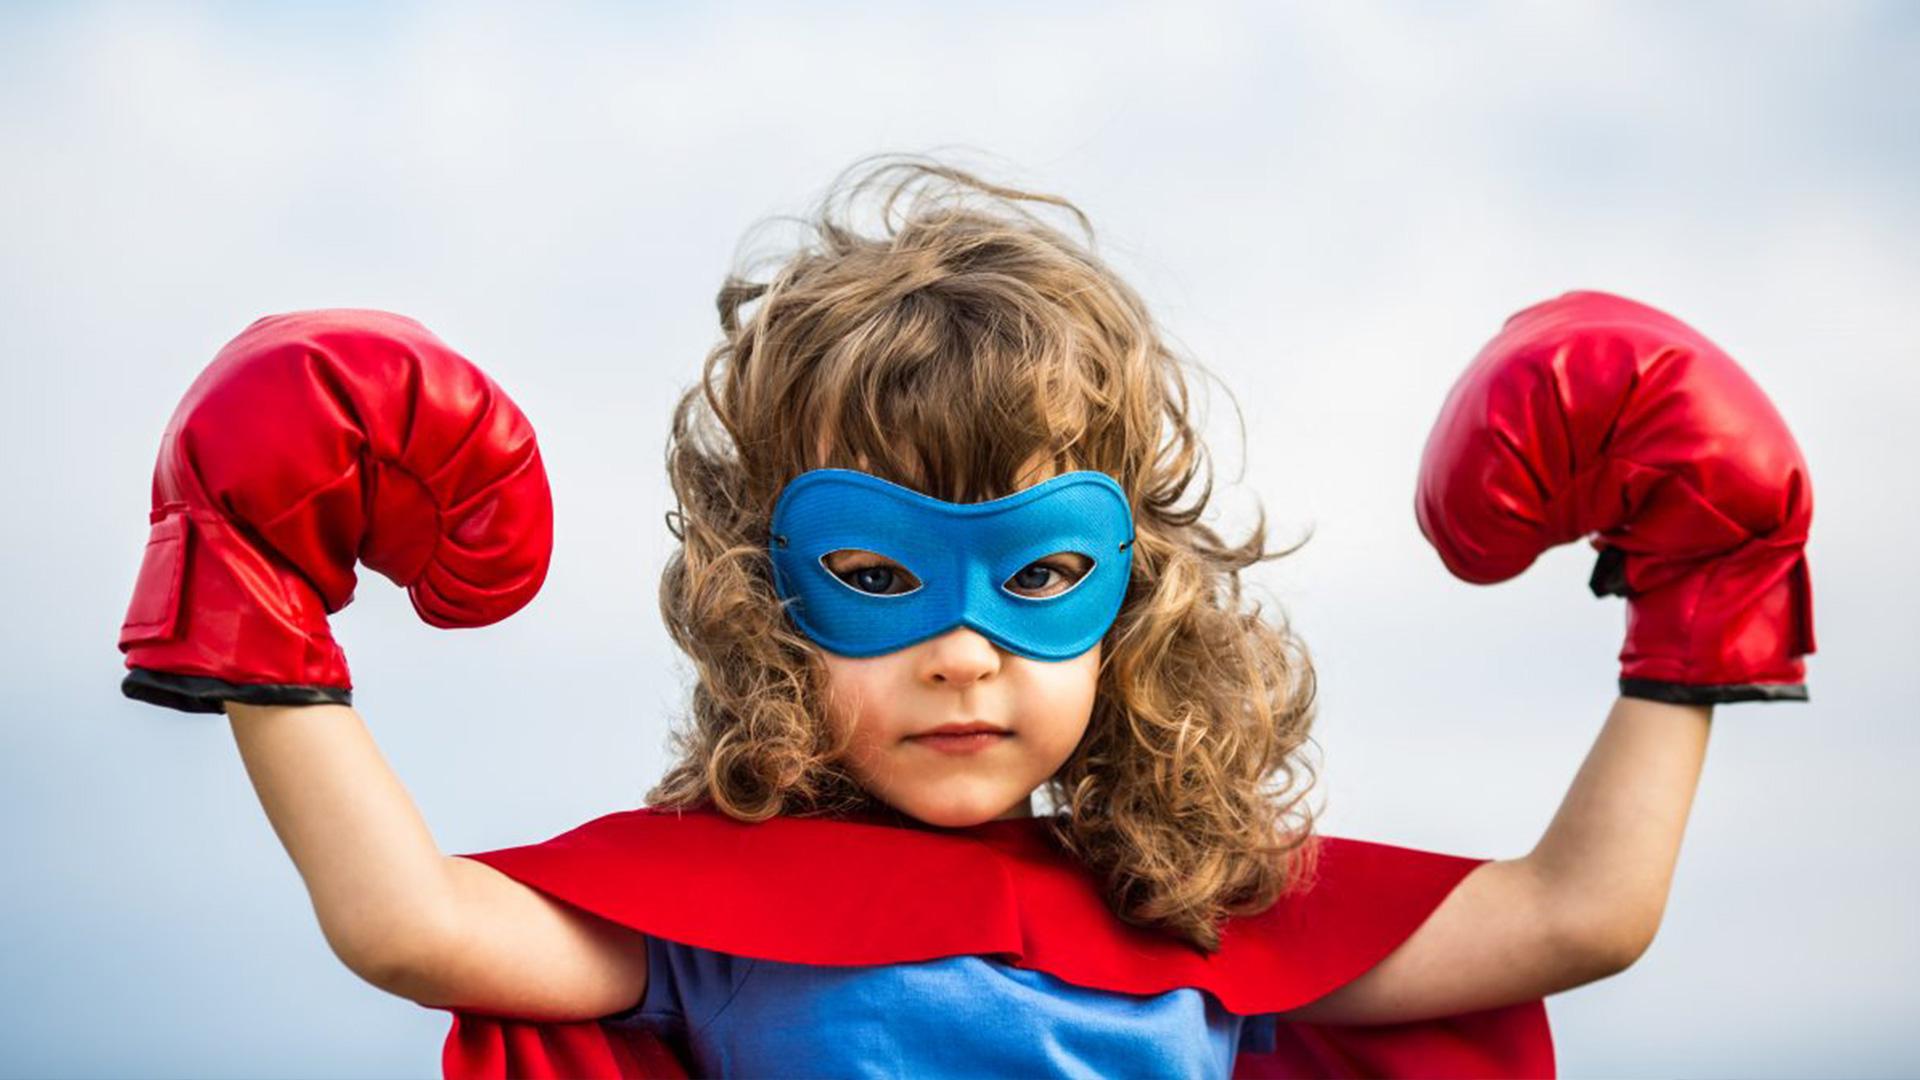 Projekt Wzmocnione - dziecko w przebraniu super bohatera